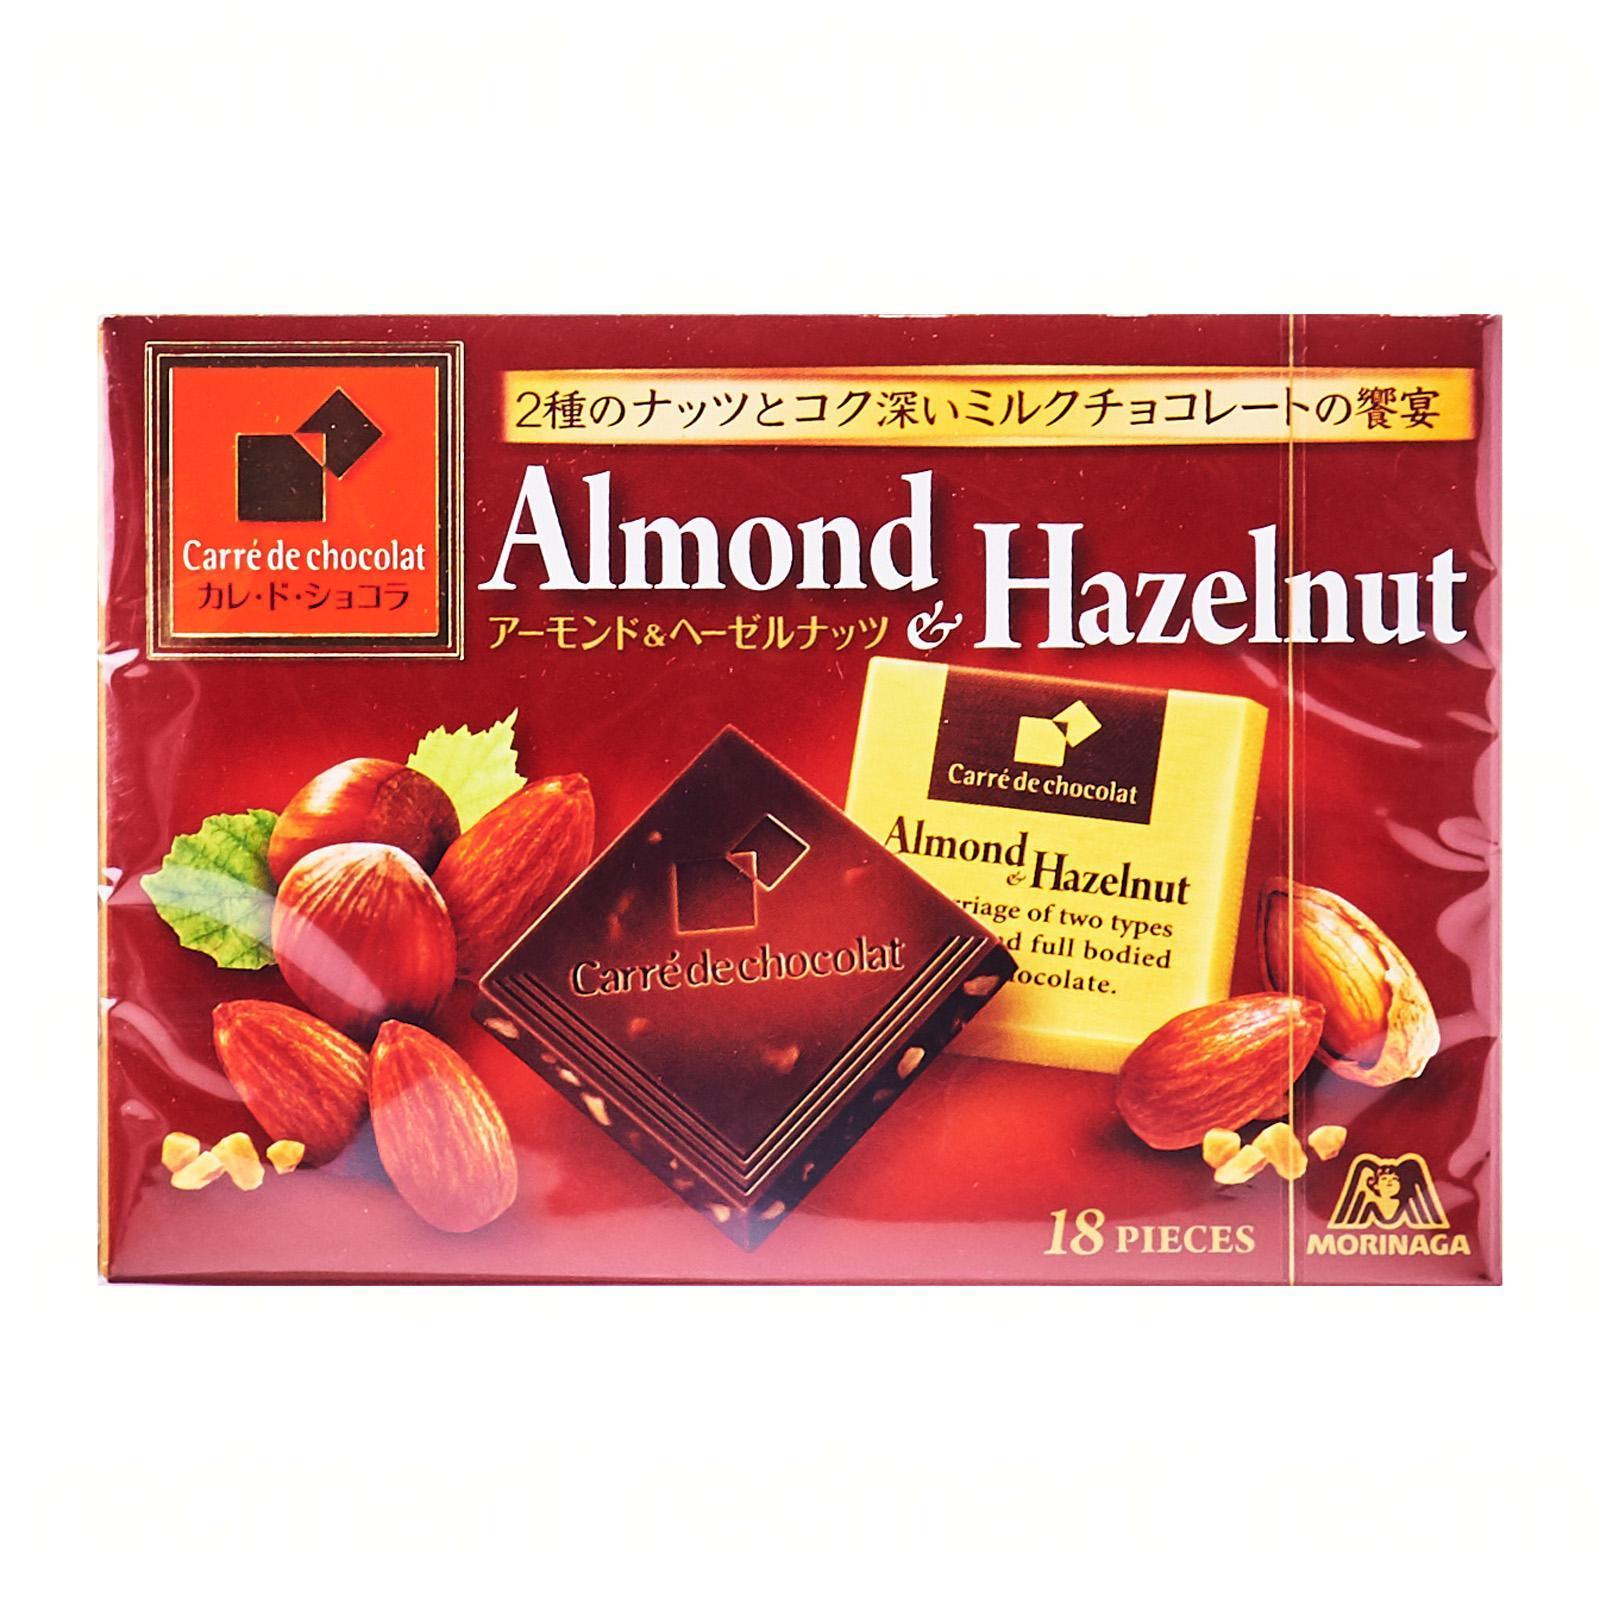 Morinaga Carre De Chocolat Almond And Hazelnut - Jetro Special